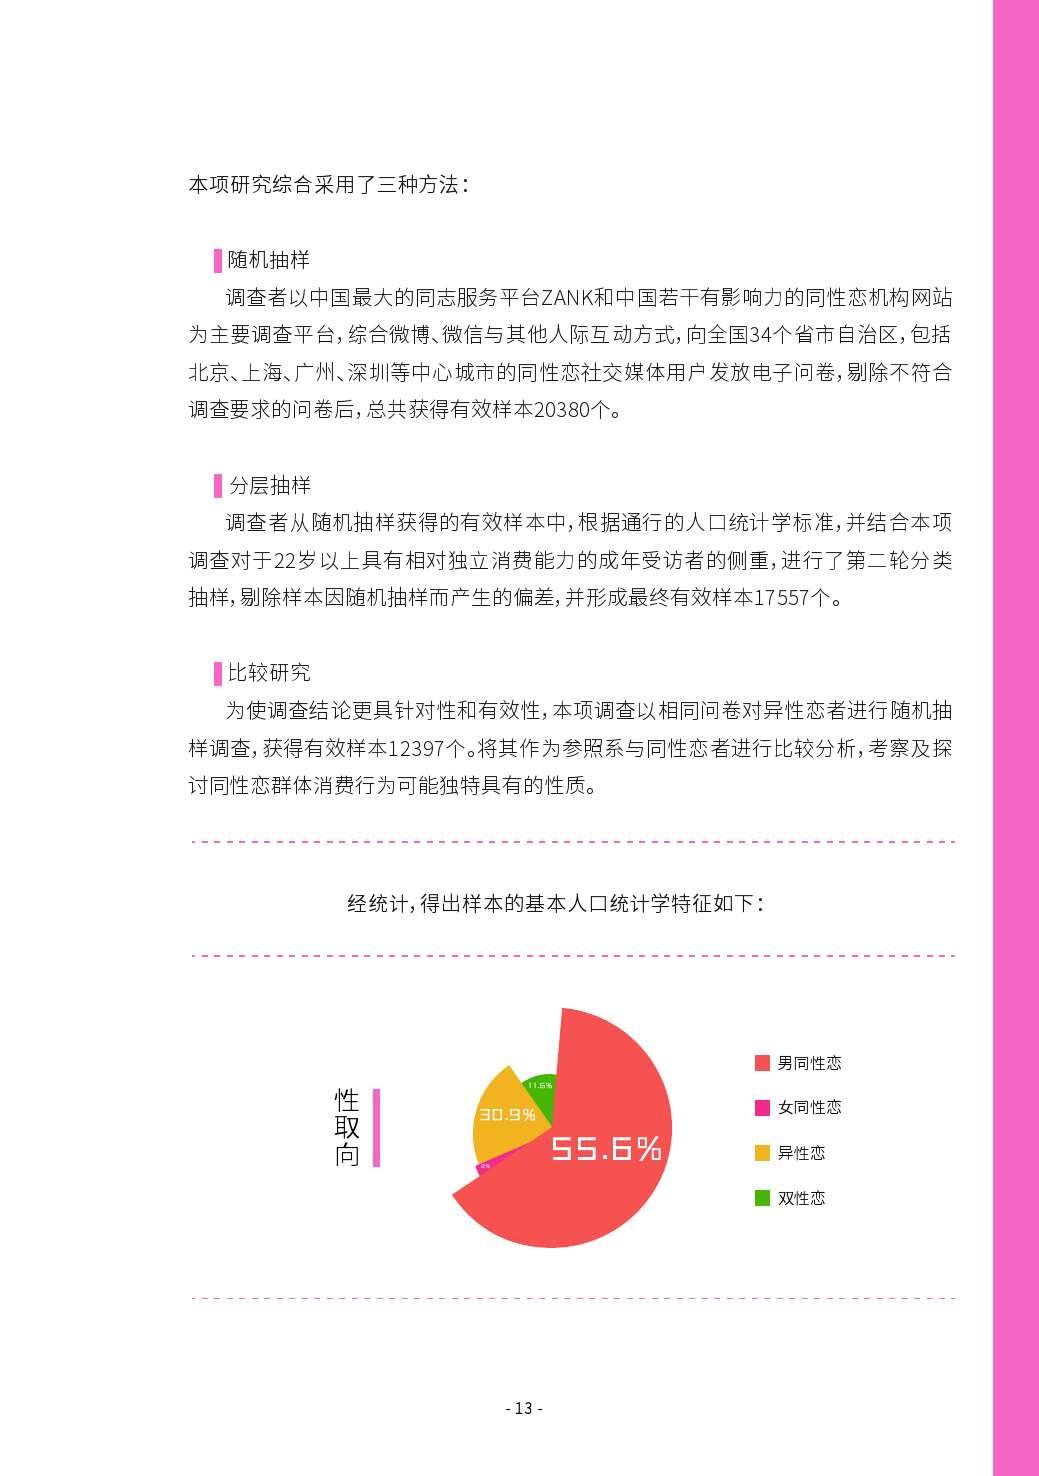 第二届中国LGBT群体消费调查报告_000013